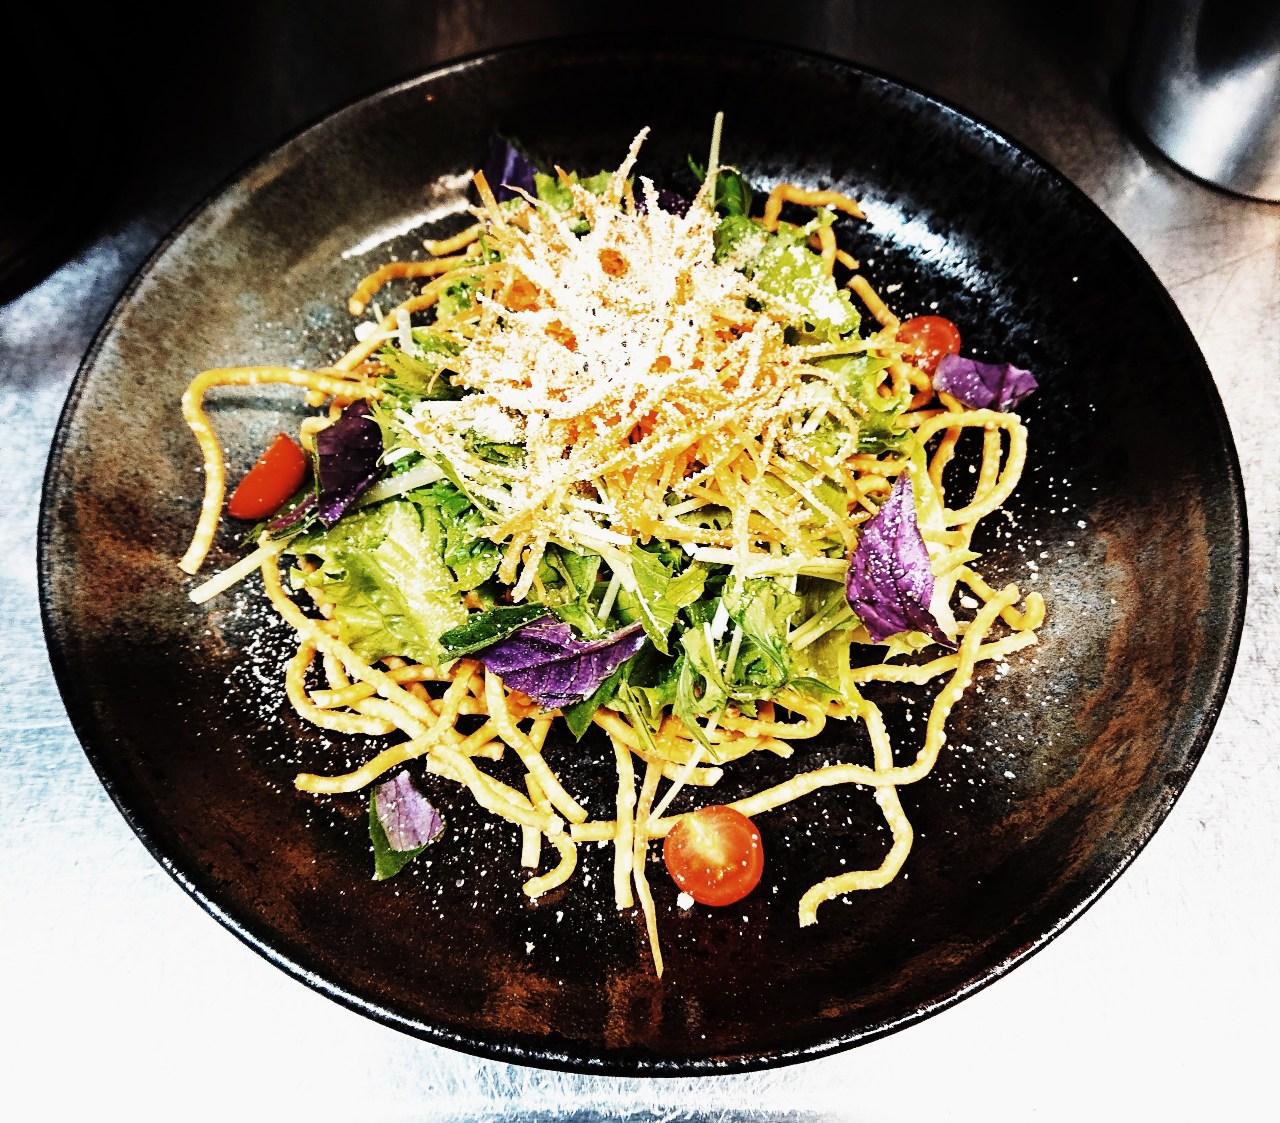 沖縄そばのバリバリシーザーサラダ